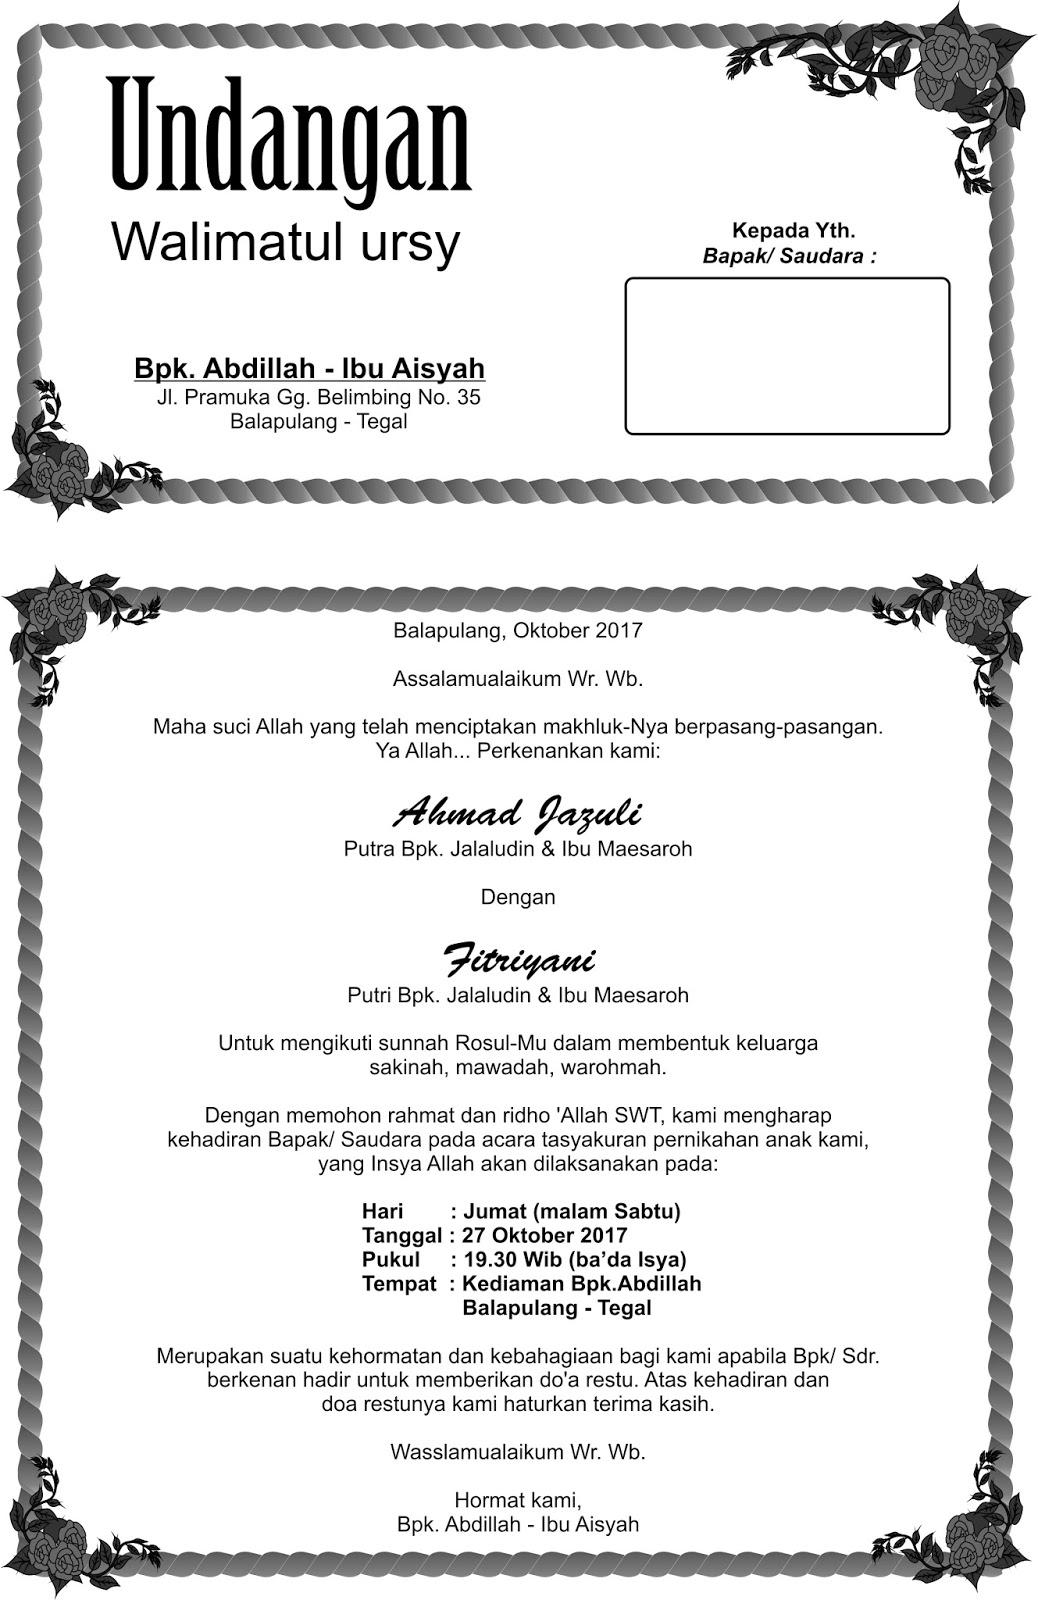 Cara Membuat Undangan Walimatul Ursy : membuat, undangan, walimatul, Contoh, Undangan, Walimatul.Document